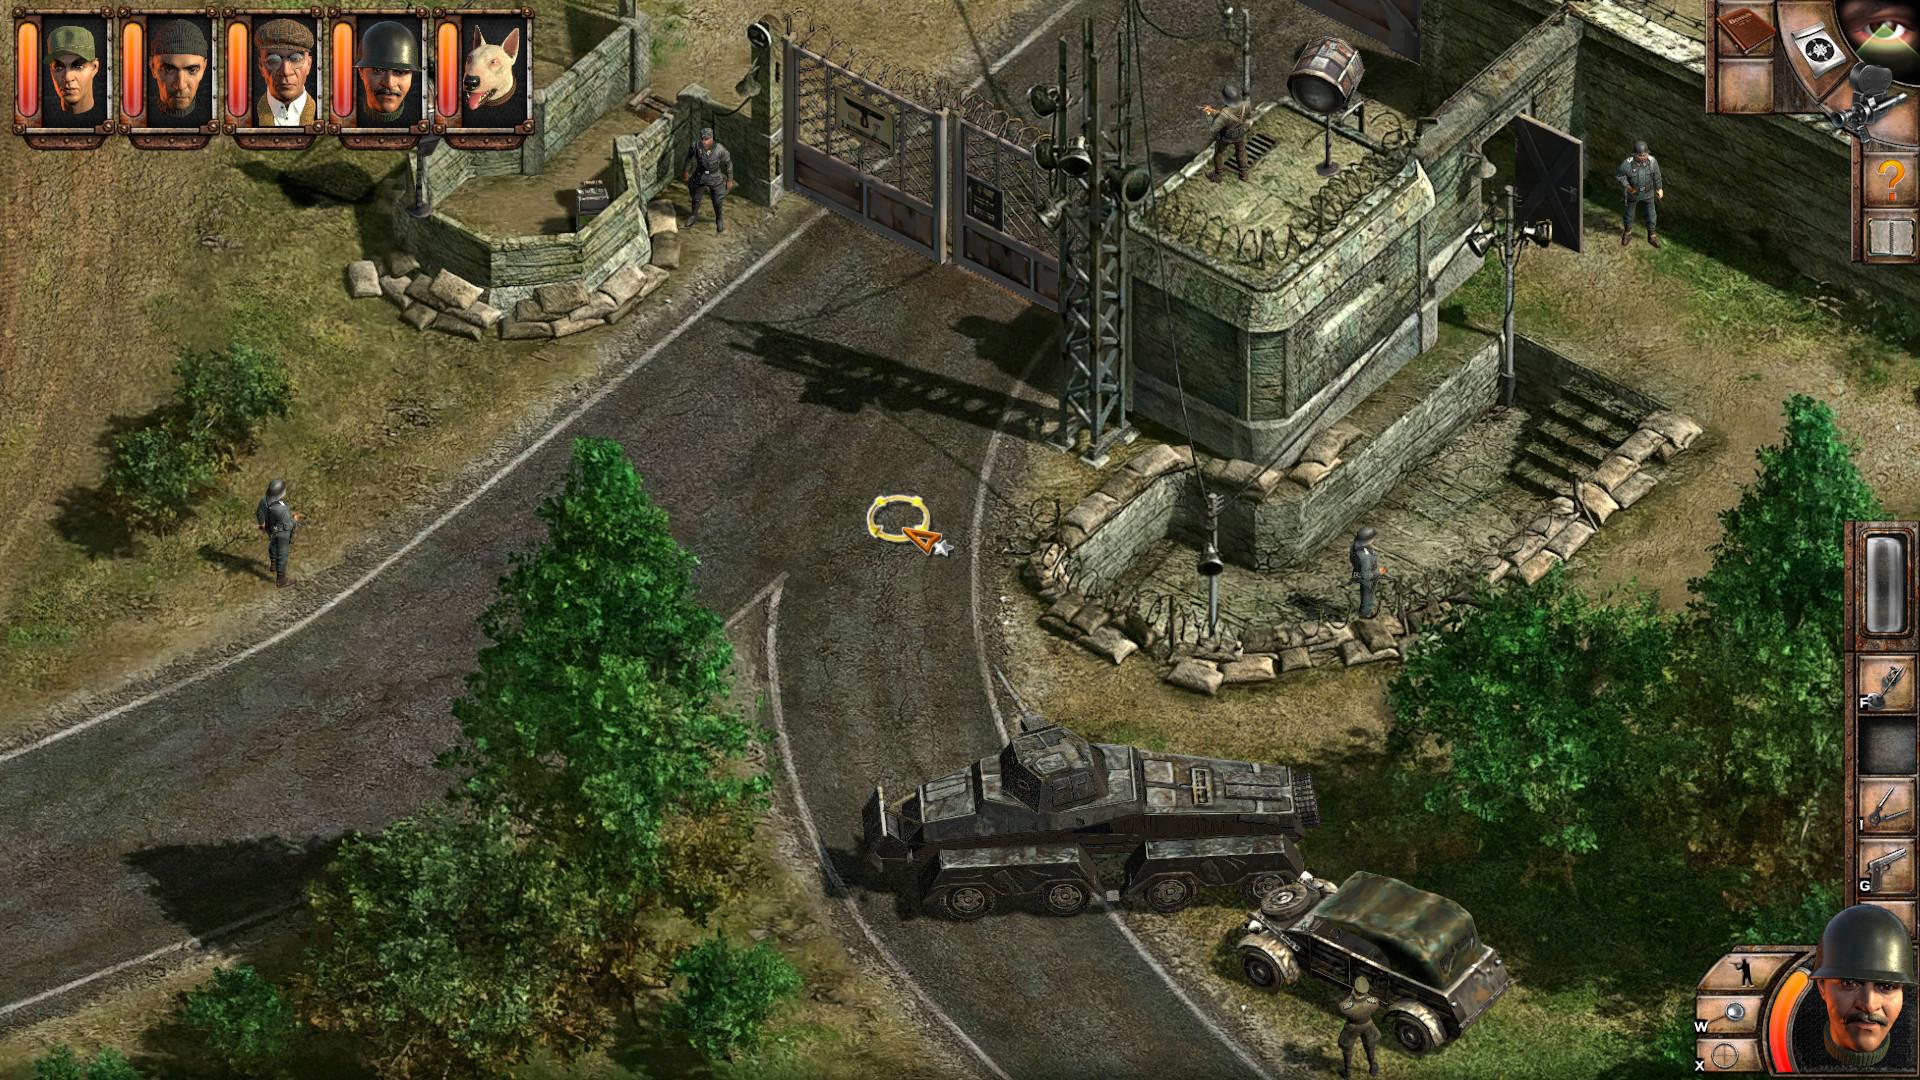 commandos 2 game review